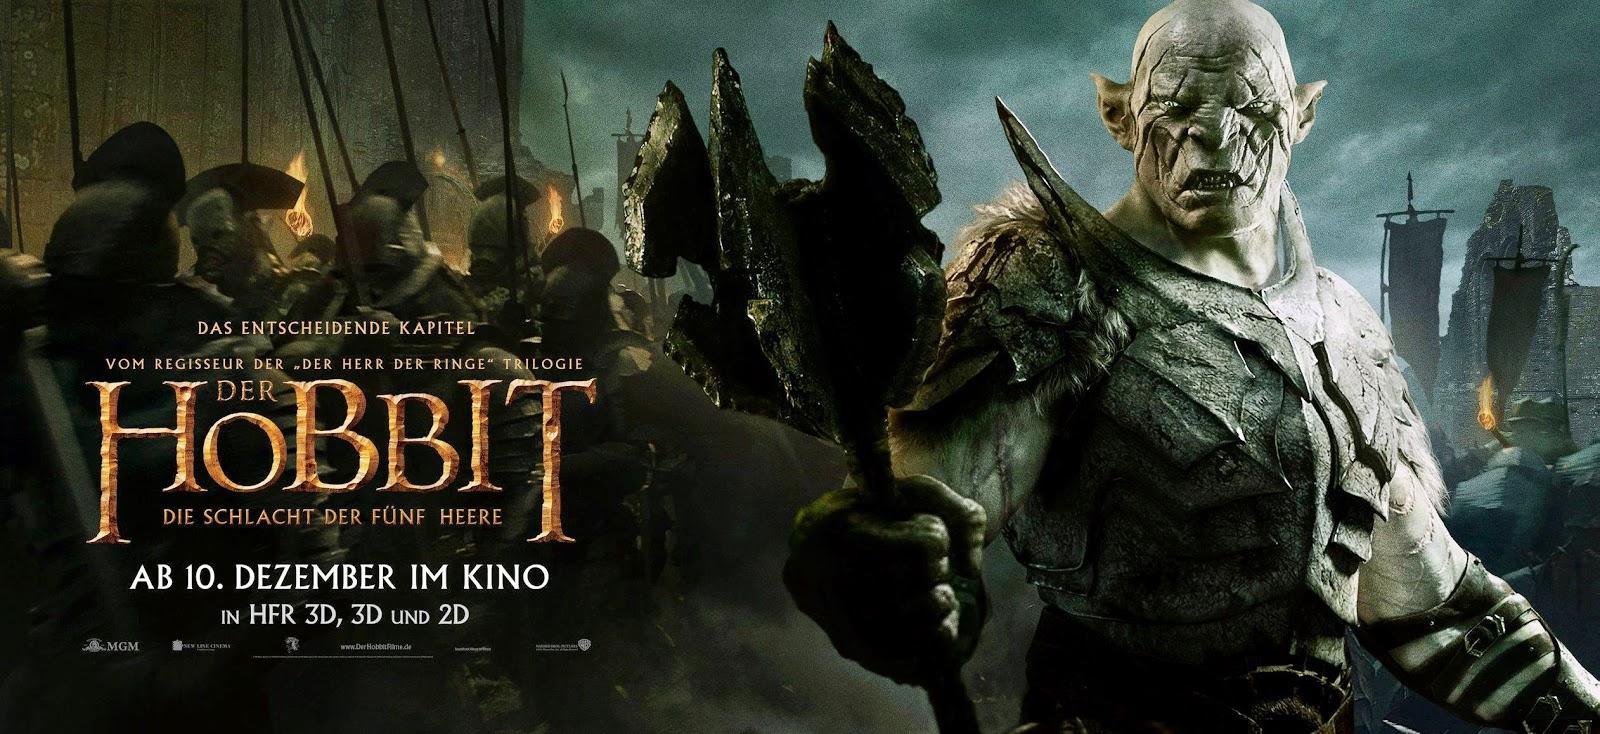 tải hình nền phim the hobbit mới nhất